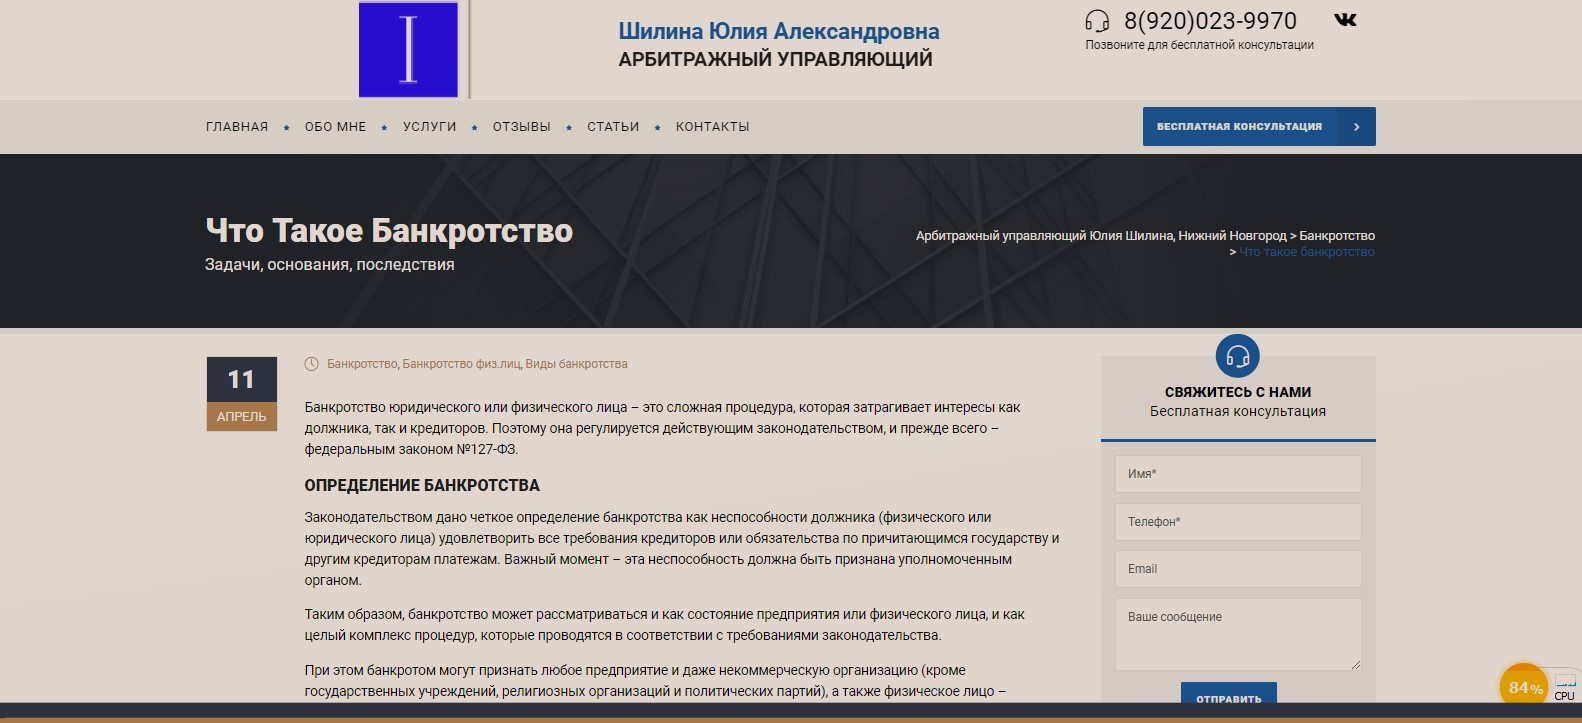 Изображение для статьи Что такое банкротство, сайт арбитражного управляющего Юлии Шилиной, Нижний Новгород